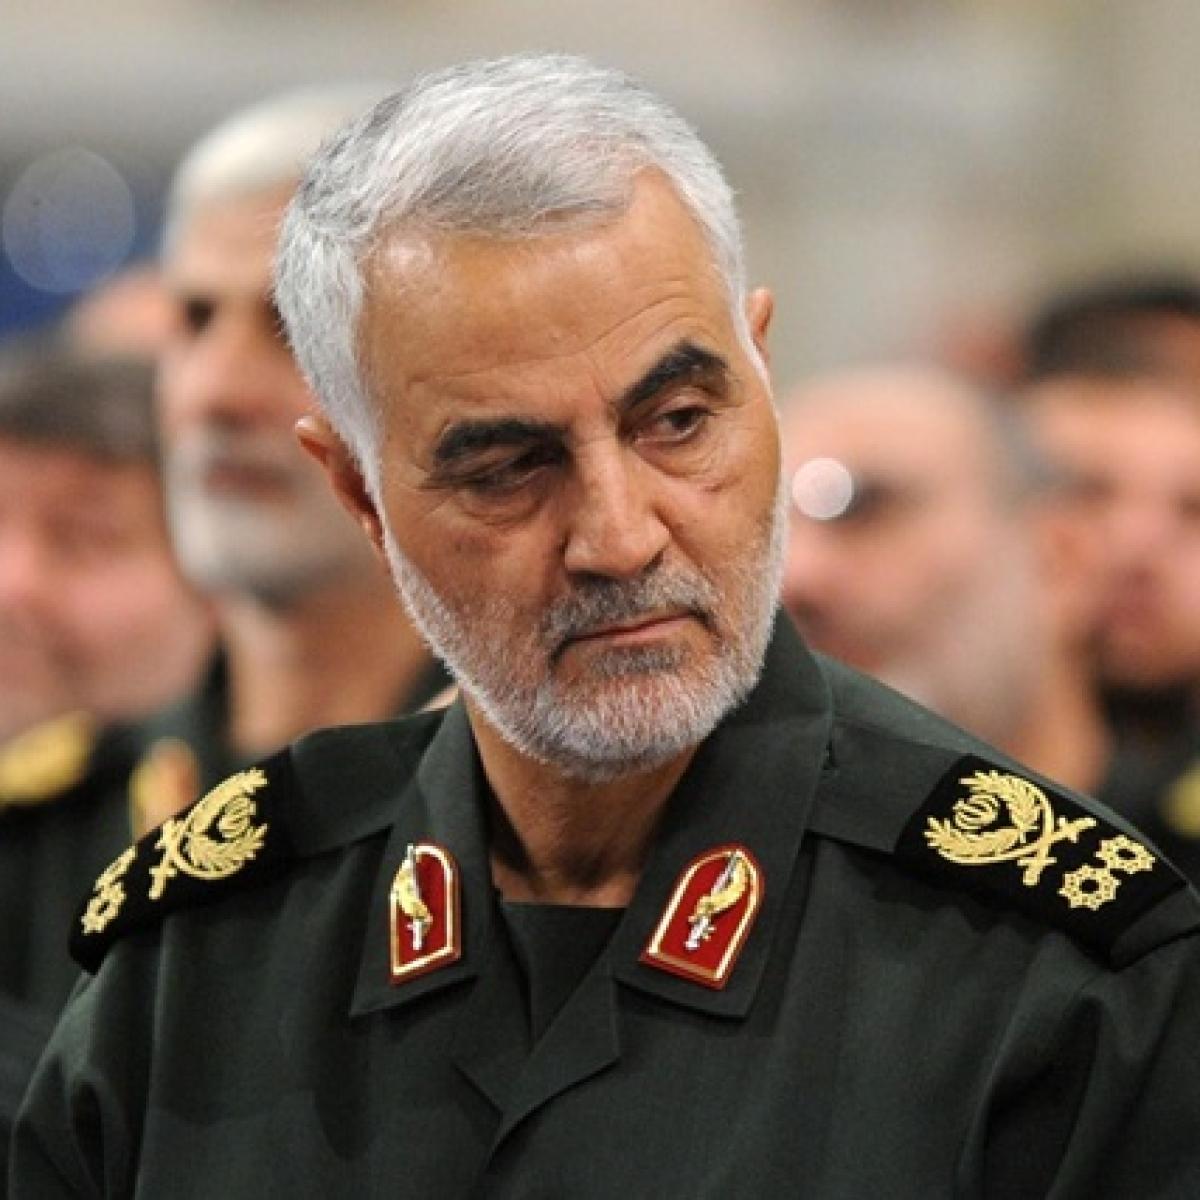 After strike kills Iran General Qaseem Solemani, US embassy asks Americans to leave Iraq